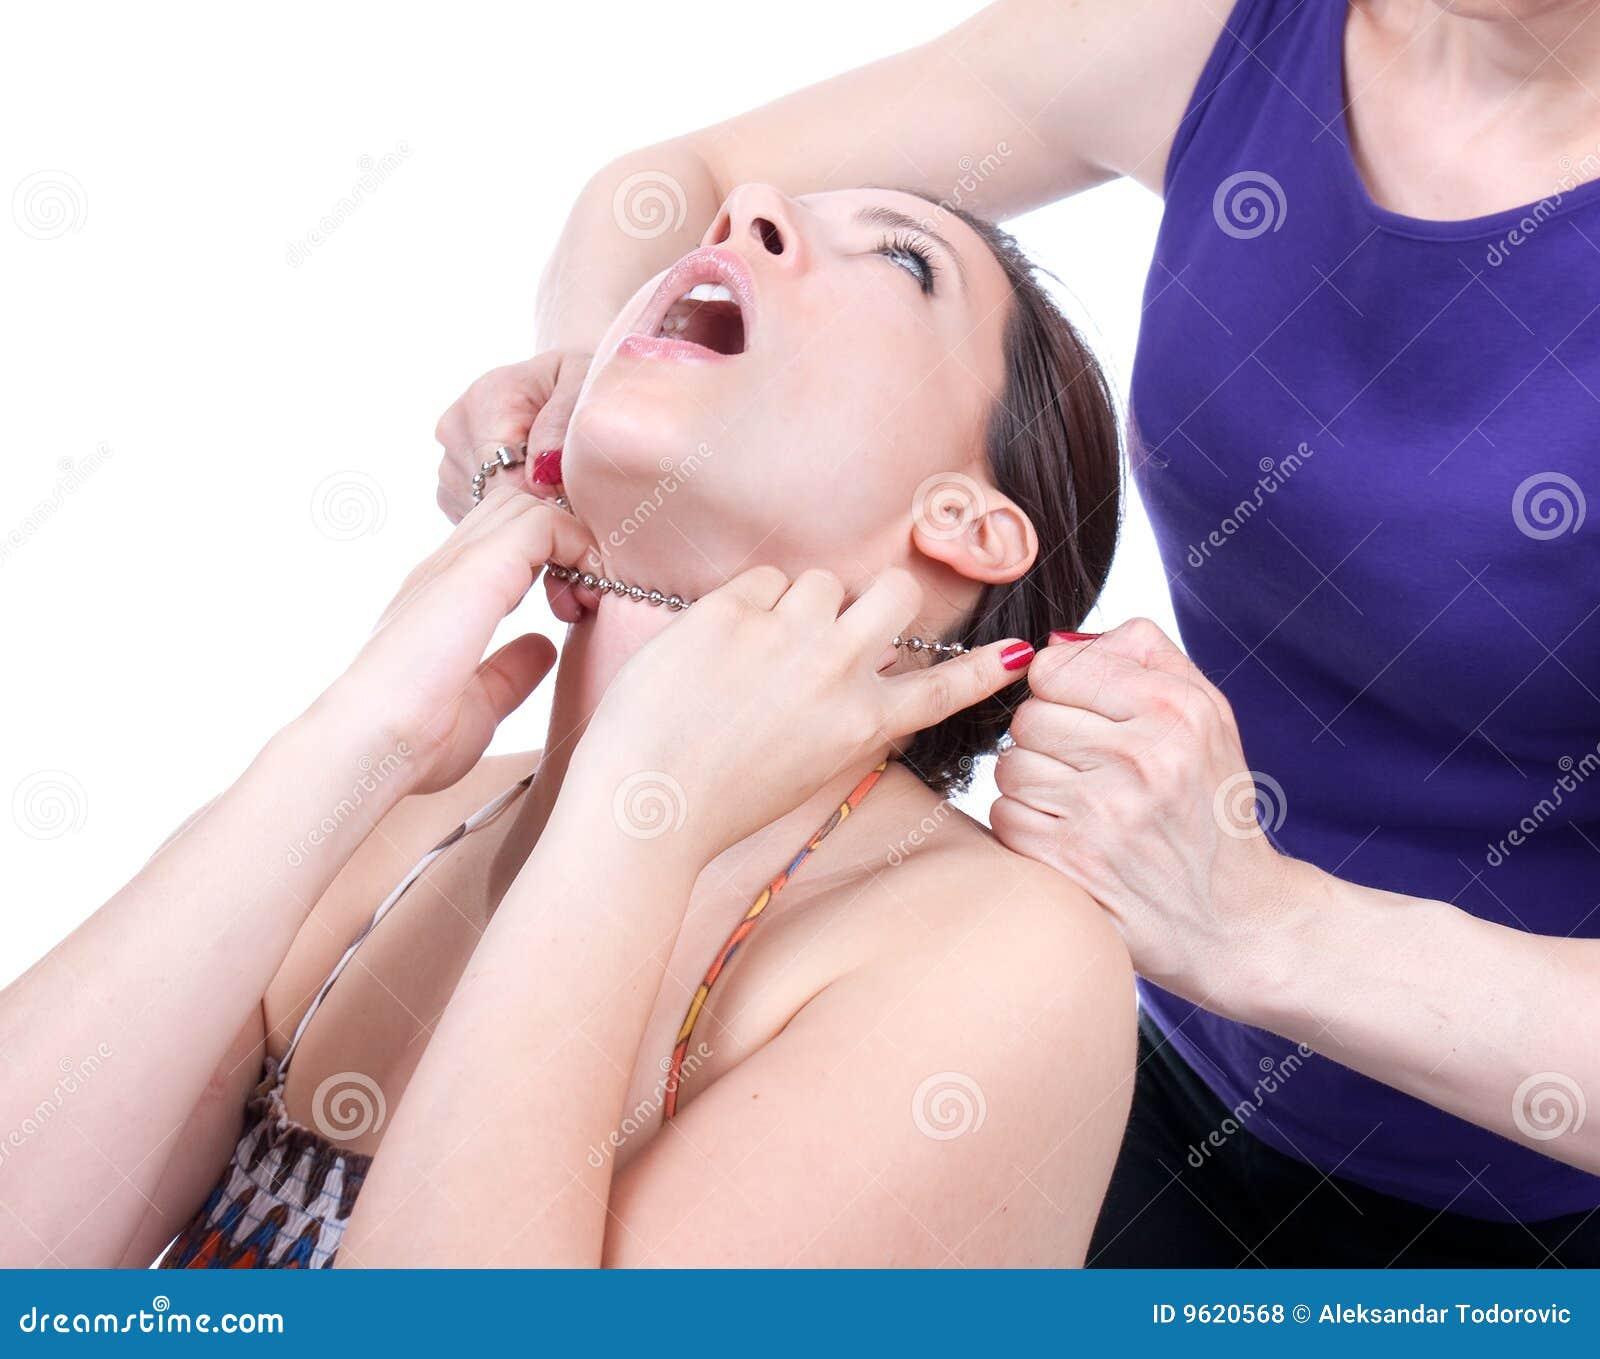 Free redhead choking